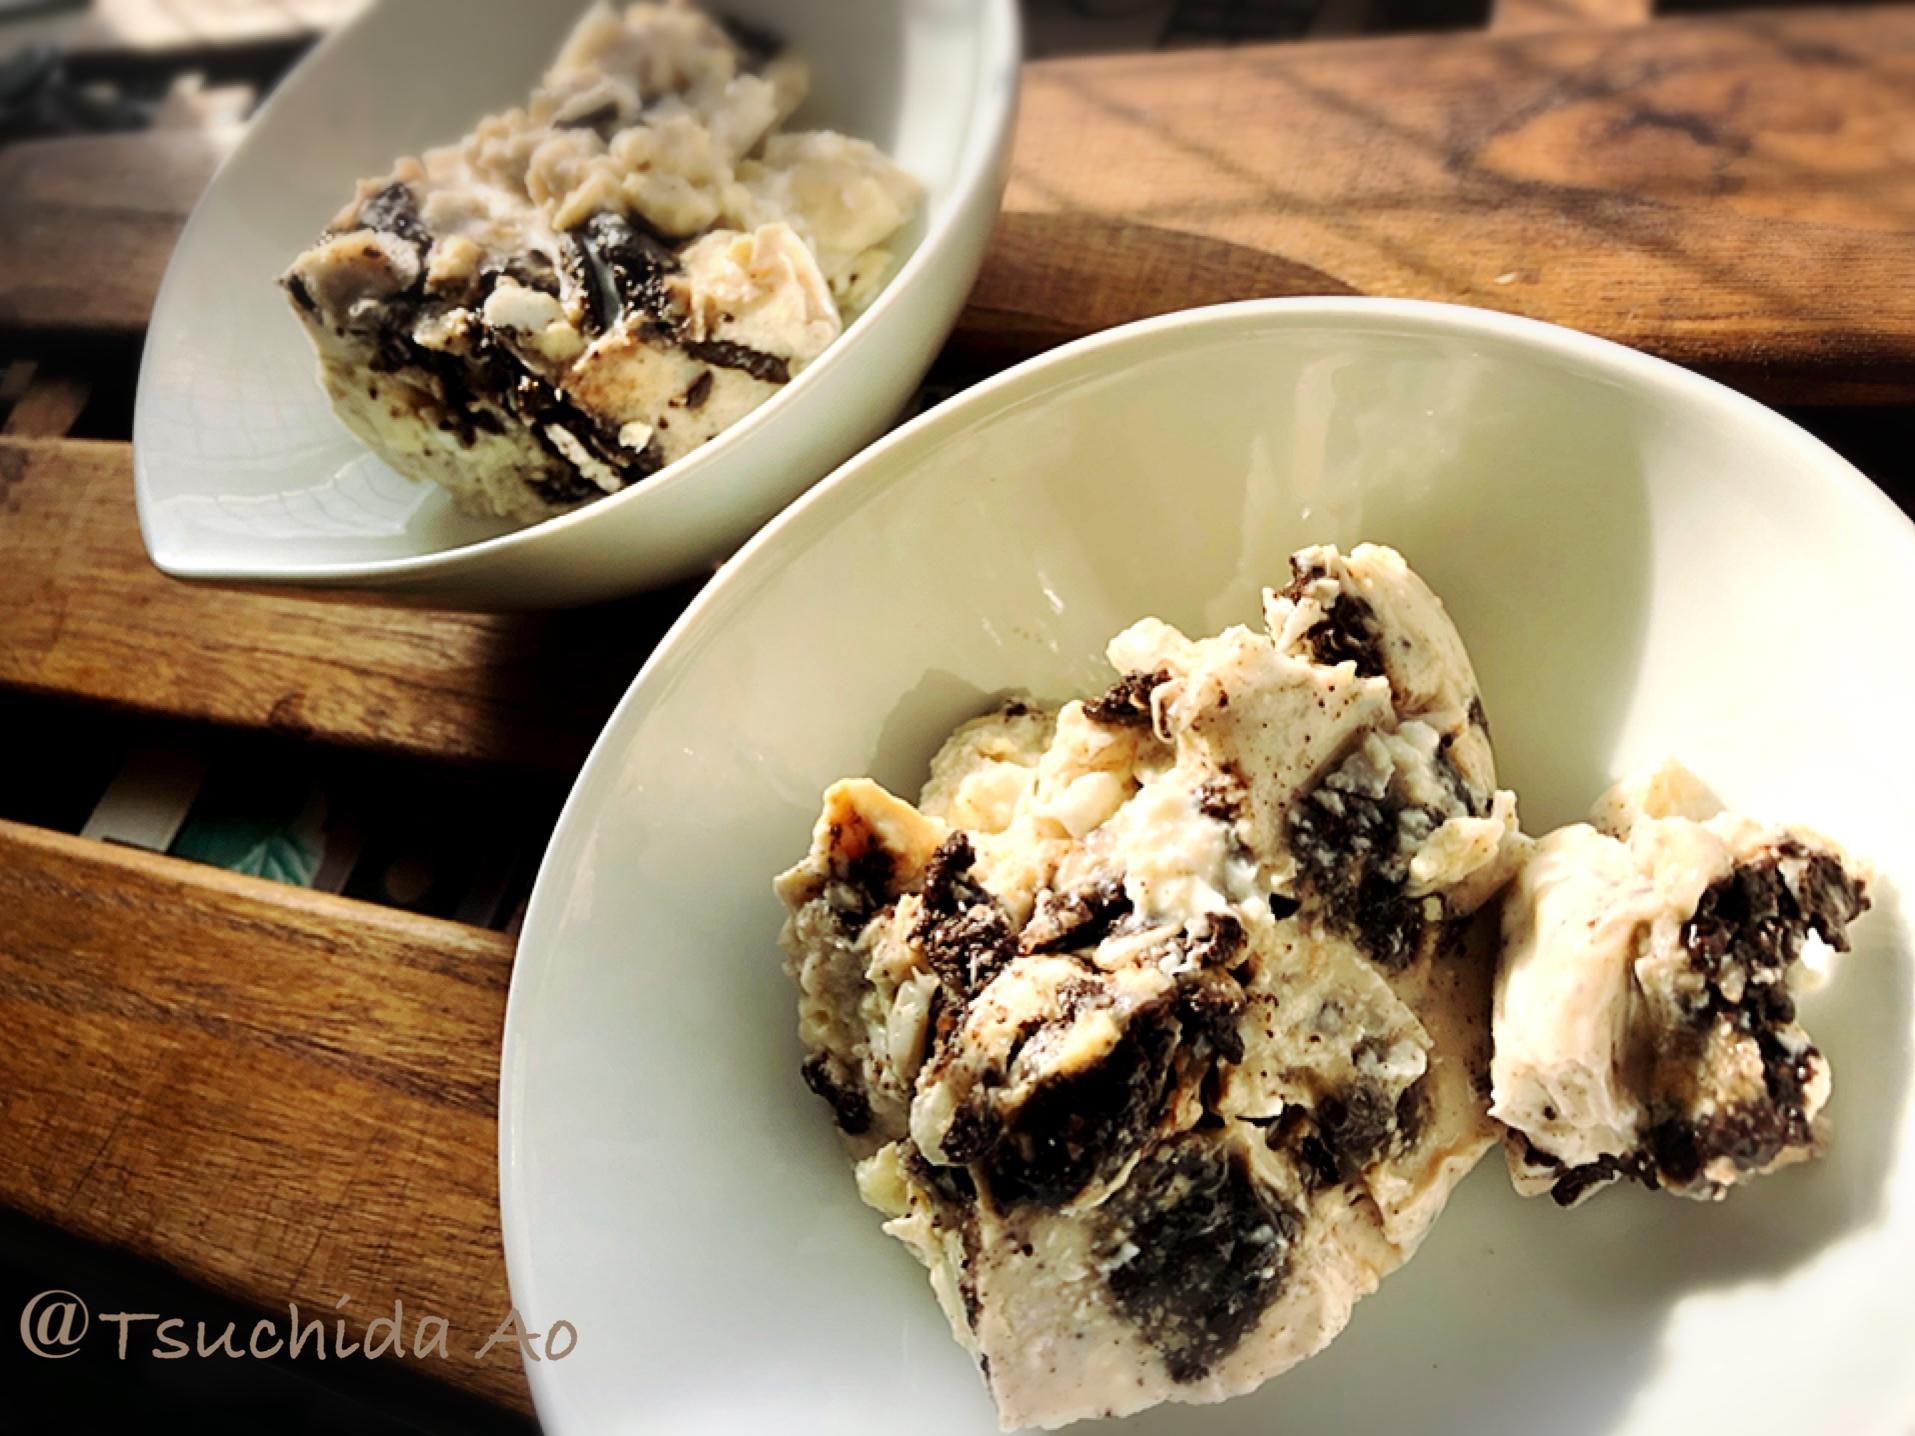 アイラップ×スイーツ〜罪悪感の少ない、クッキーアンドクリームアイス〜